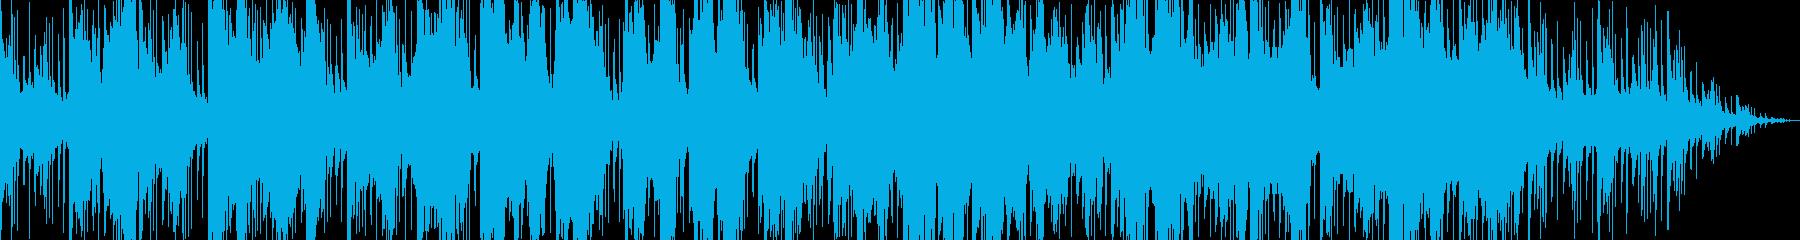 琴と尺八で奏でる和風曲の再生済みの波形